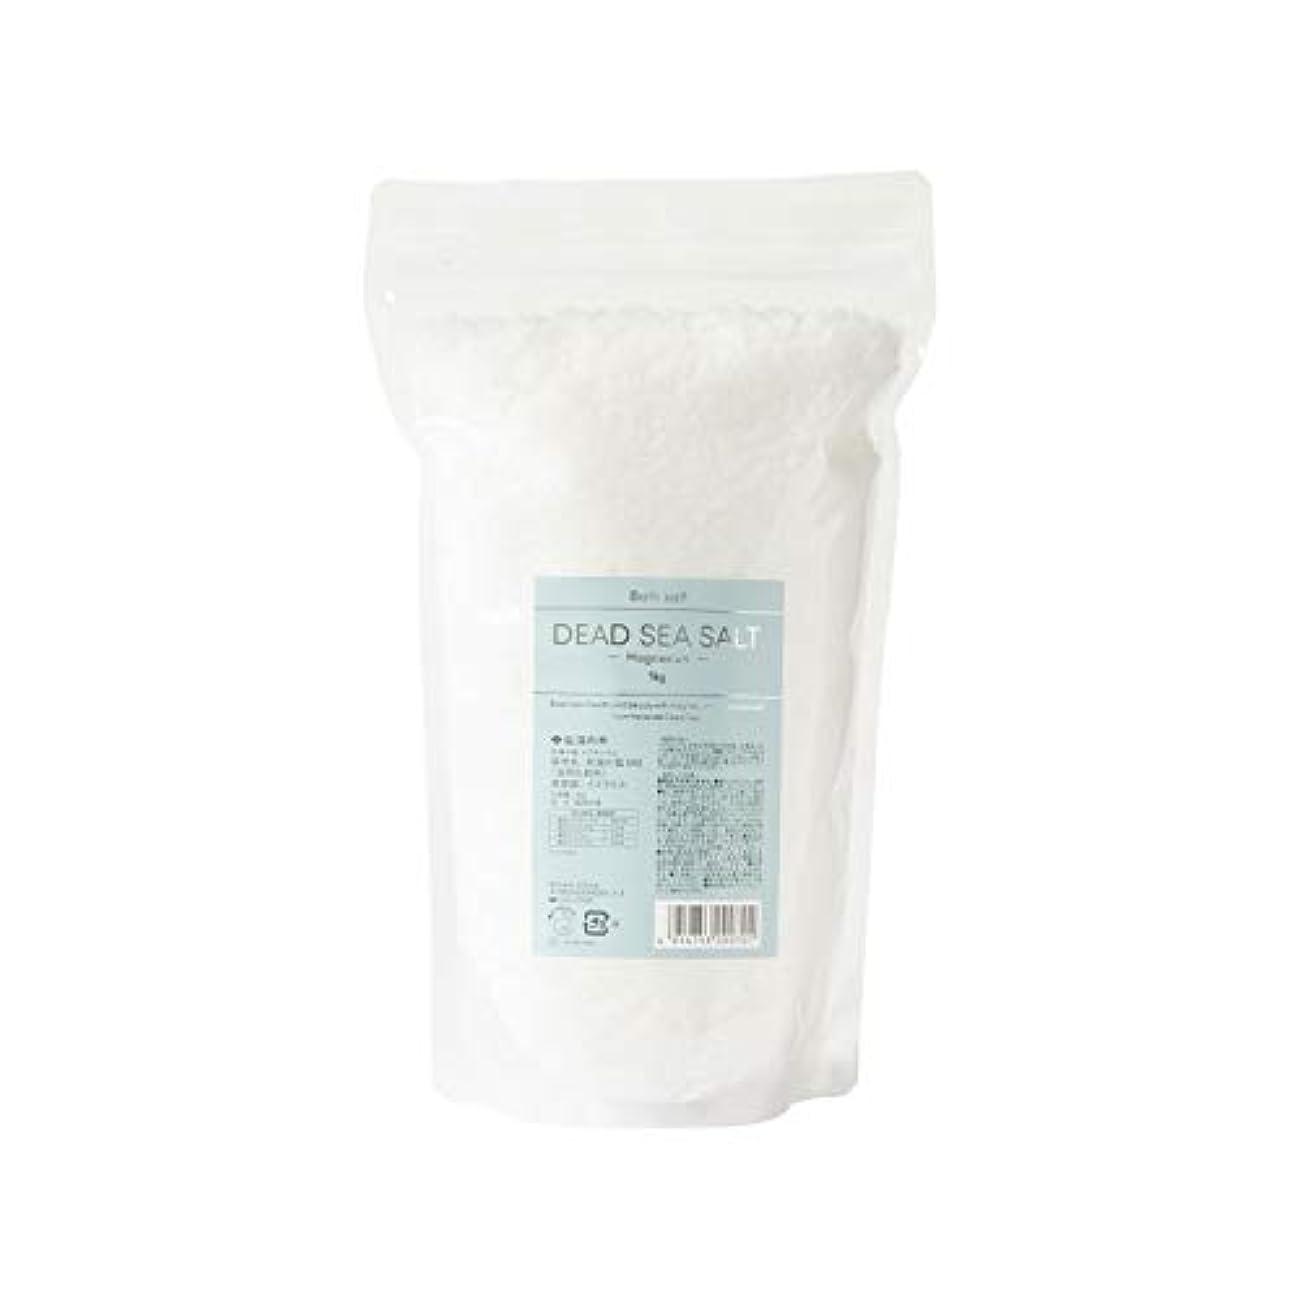 影修羅場奇跡的な生活の木 死海の塩マグネシウム 1kg